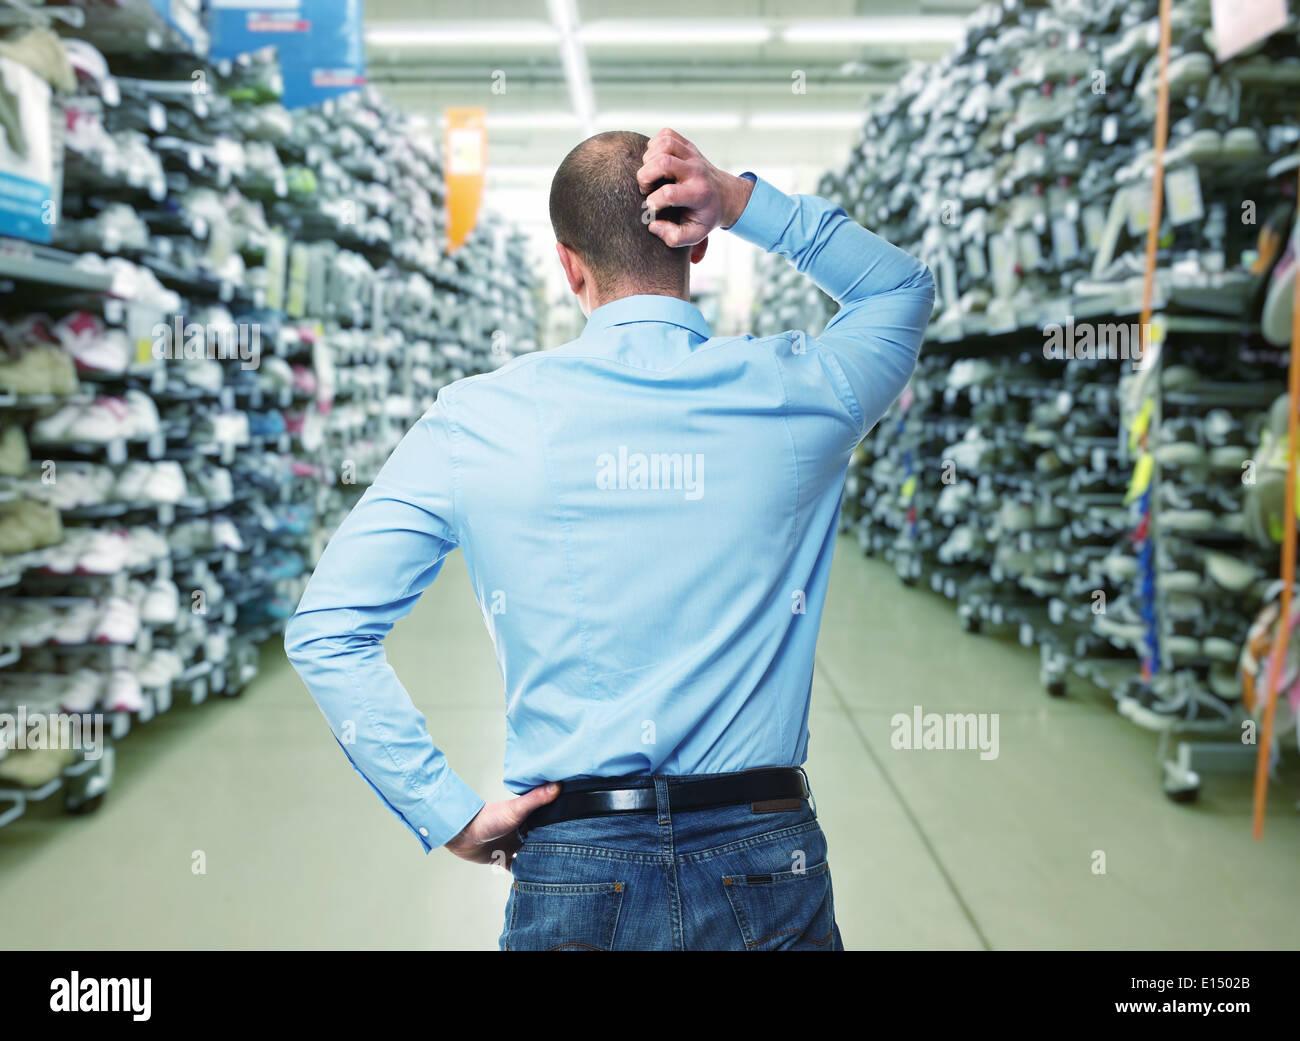 Shopping In A Warehouse Stock Photos & Shopping In A Warehouse Stock ...